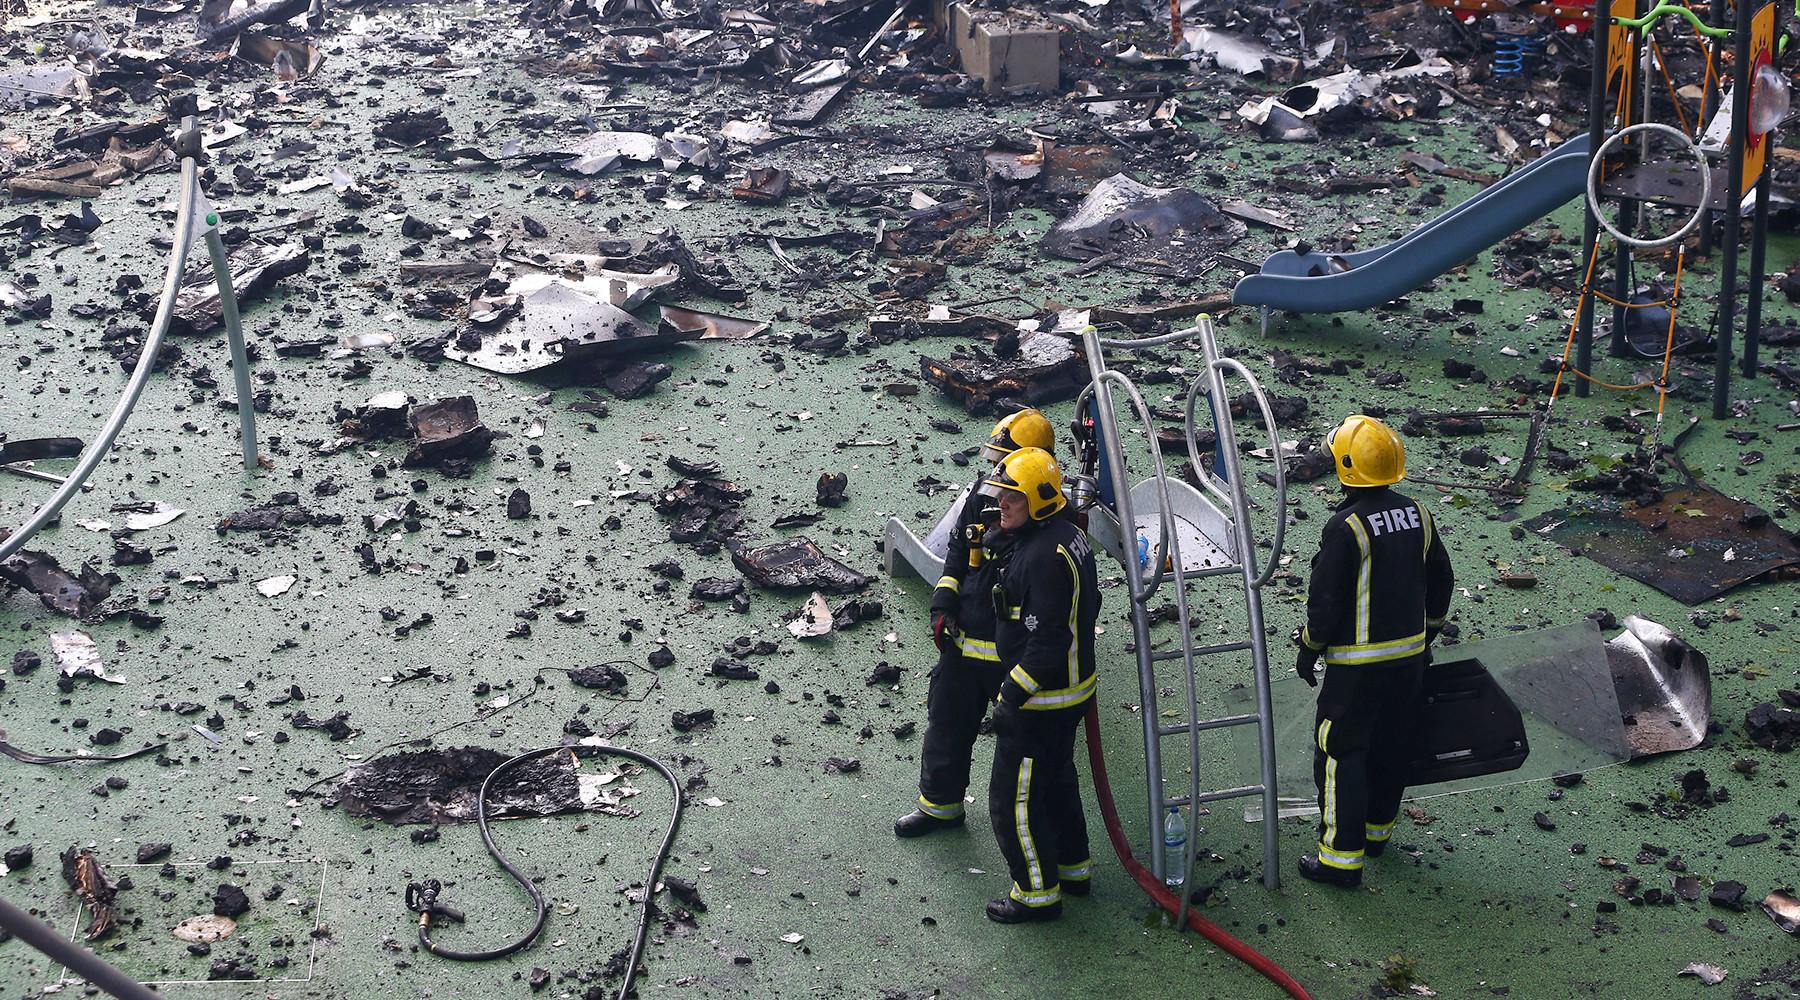 Двадцать четыре этажа огня: в Лондоне после мощного пожара в жилой многоэтажке ищут пропавших без вести